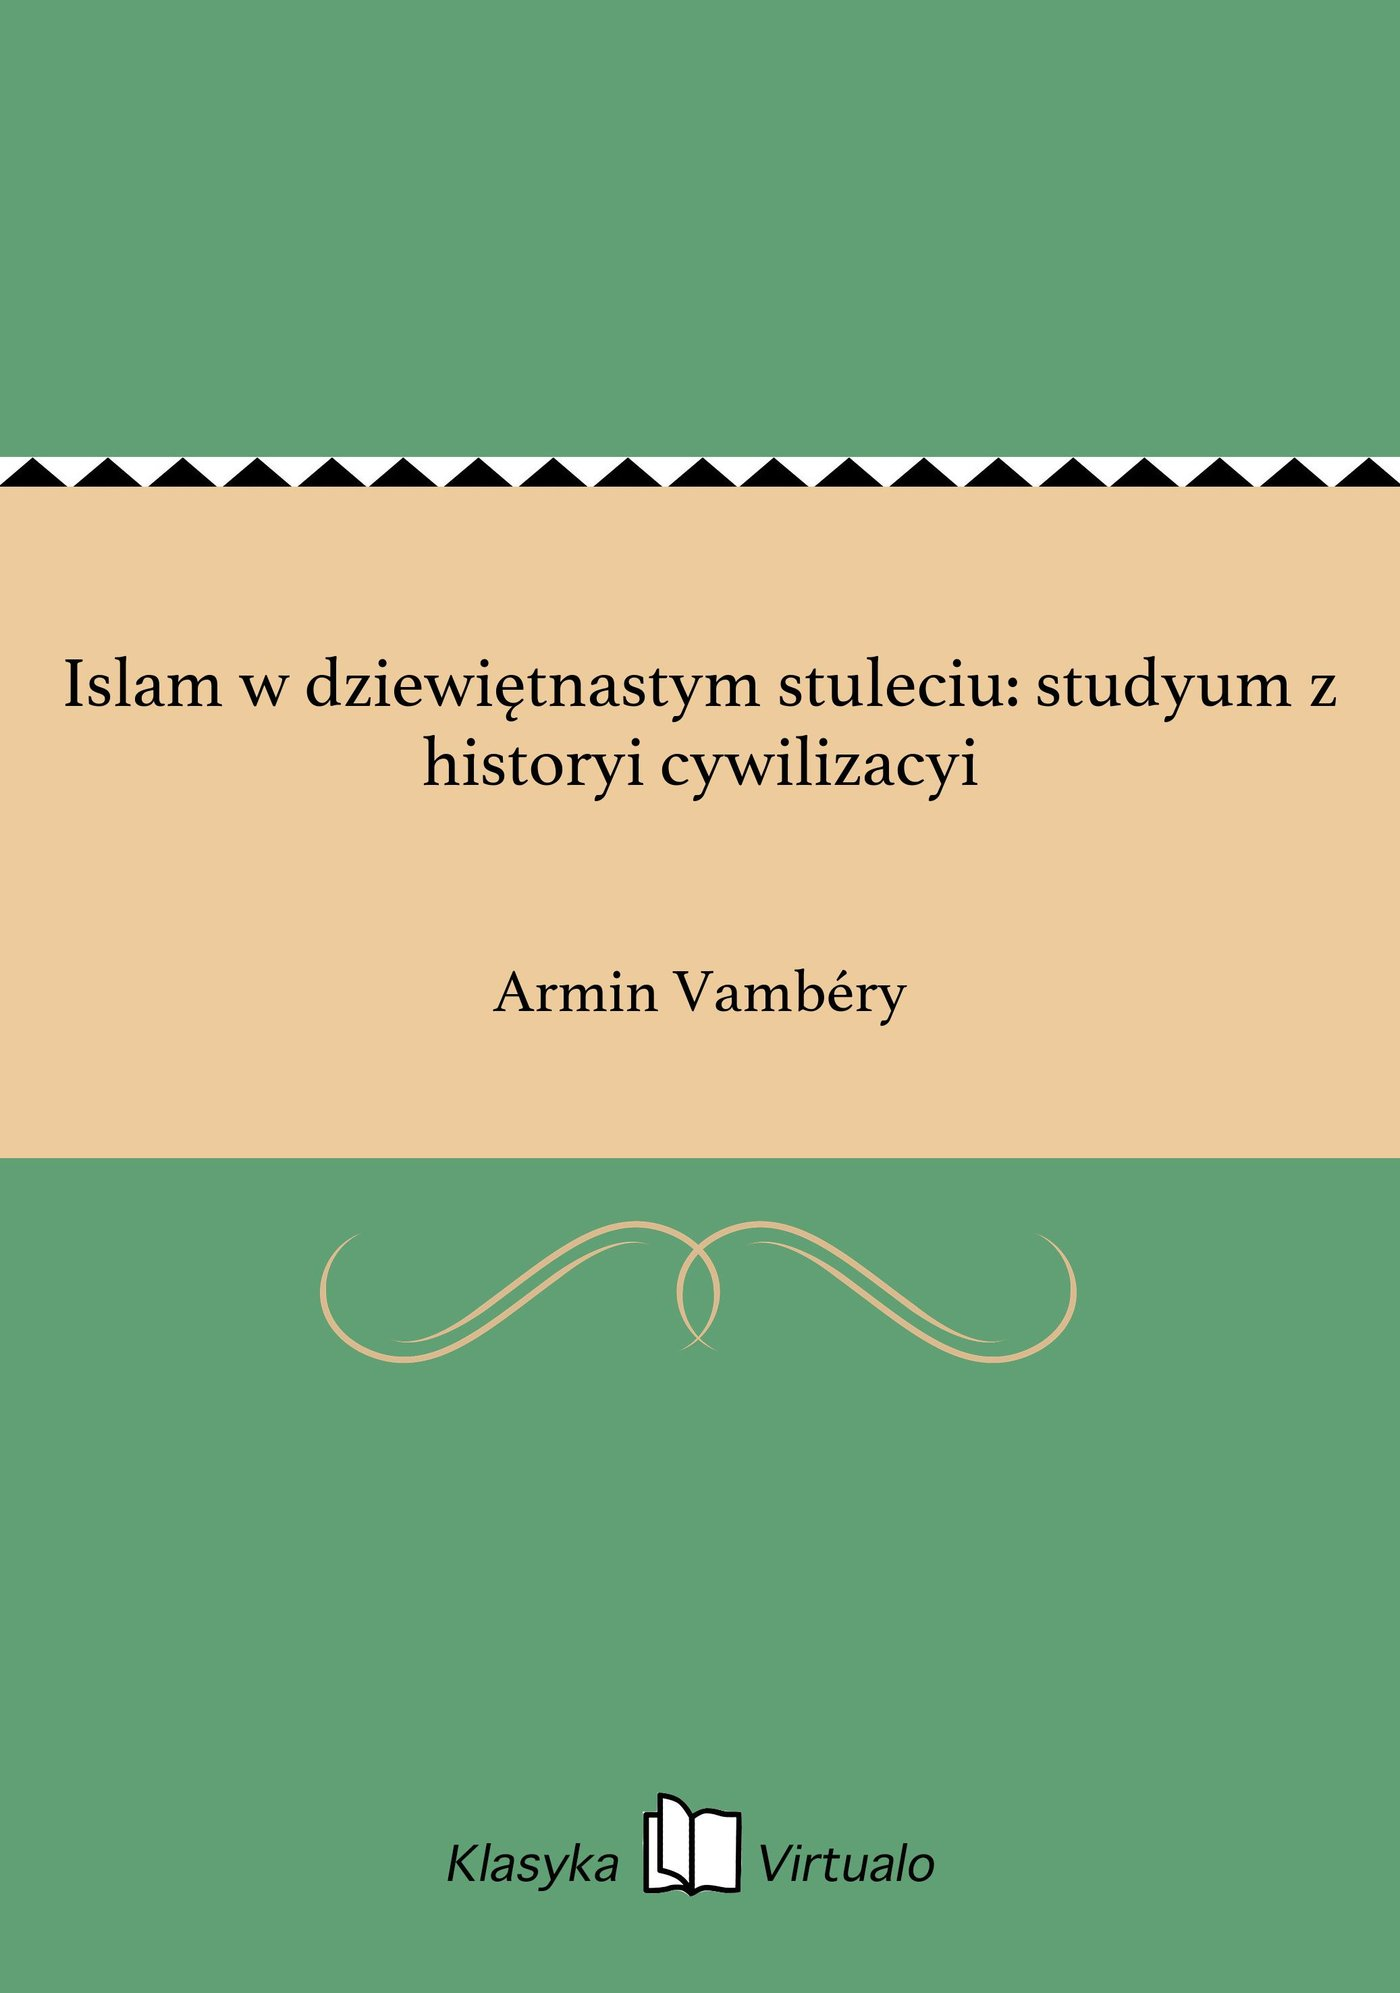 Islam w dziewiętnastym stuleciu: studyum z historyi cywilizacyi - Ebook (Książka na Kindle) do pobrania w formacie MOBI